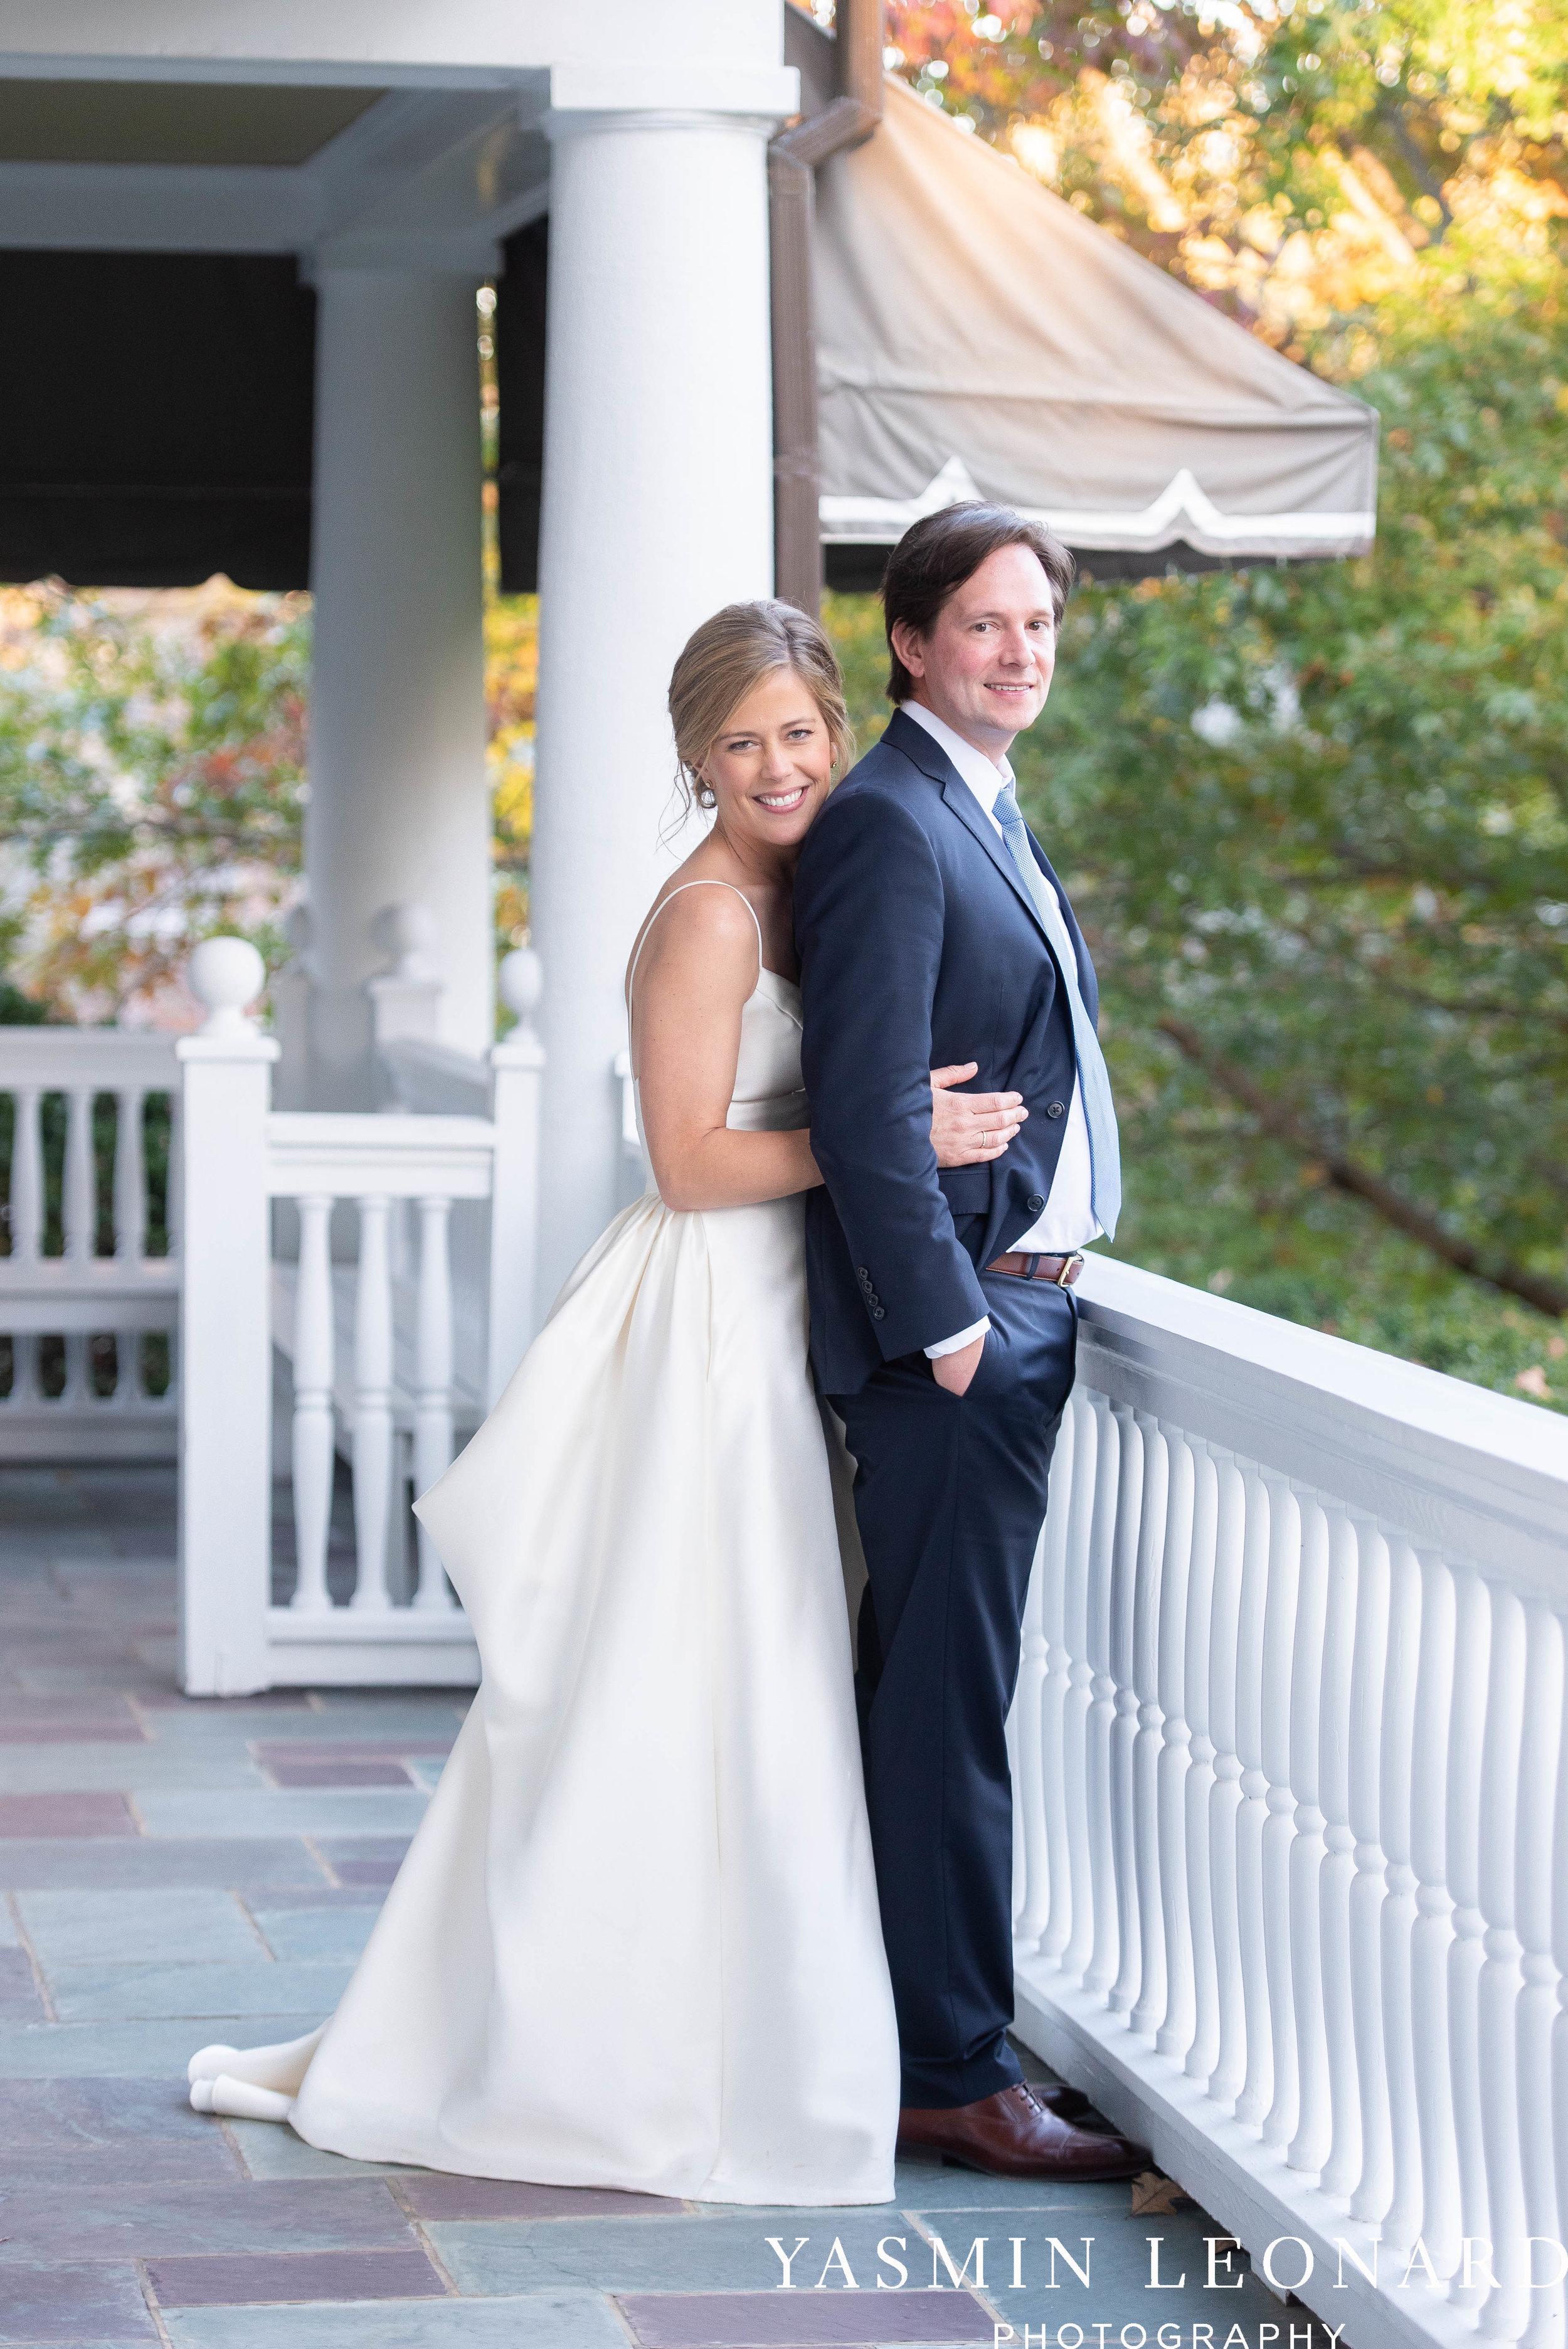 Wesley Memorial United Methodist Church - EmeryWood - High Point Weddings - High Point Wedding Photographer - NC Wedding Photographer - Yasmin Leonard Photography-71.jpg